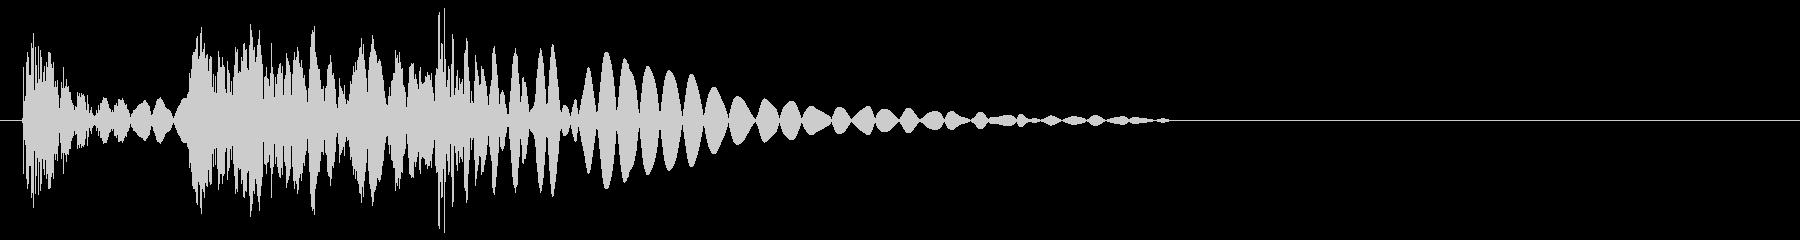 ズダゴン(ラッシュ攻撃・ダメージ)の未再生の波形